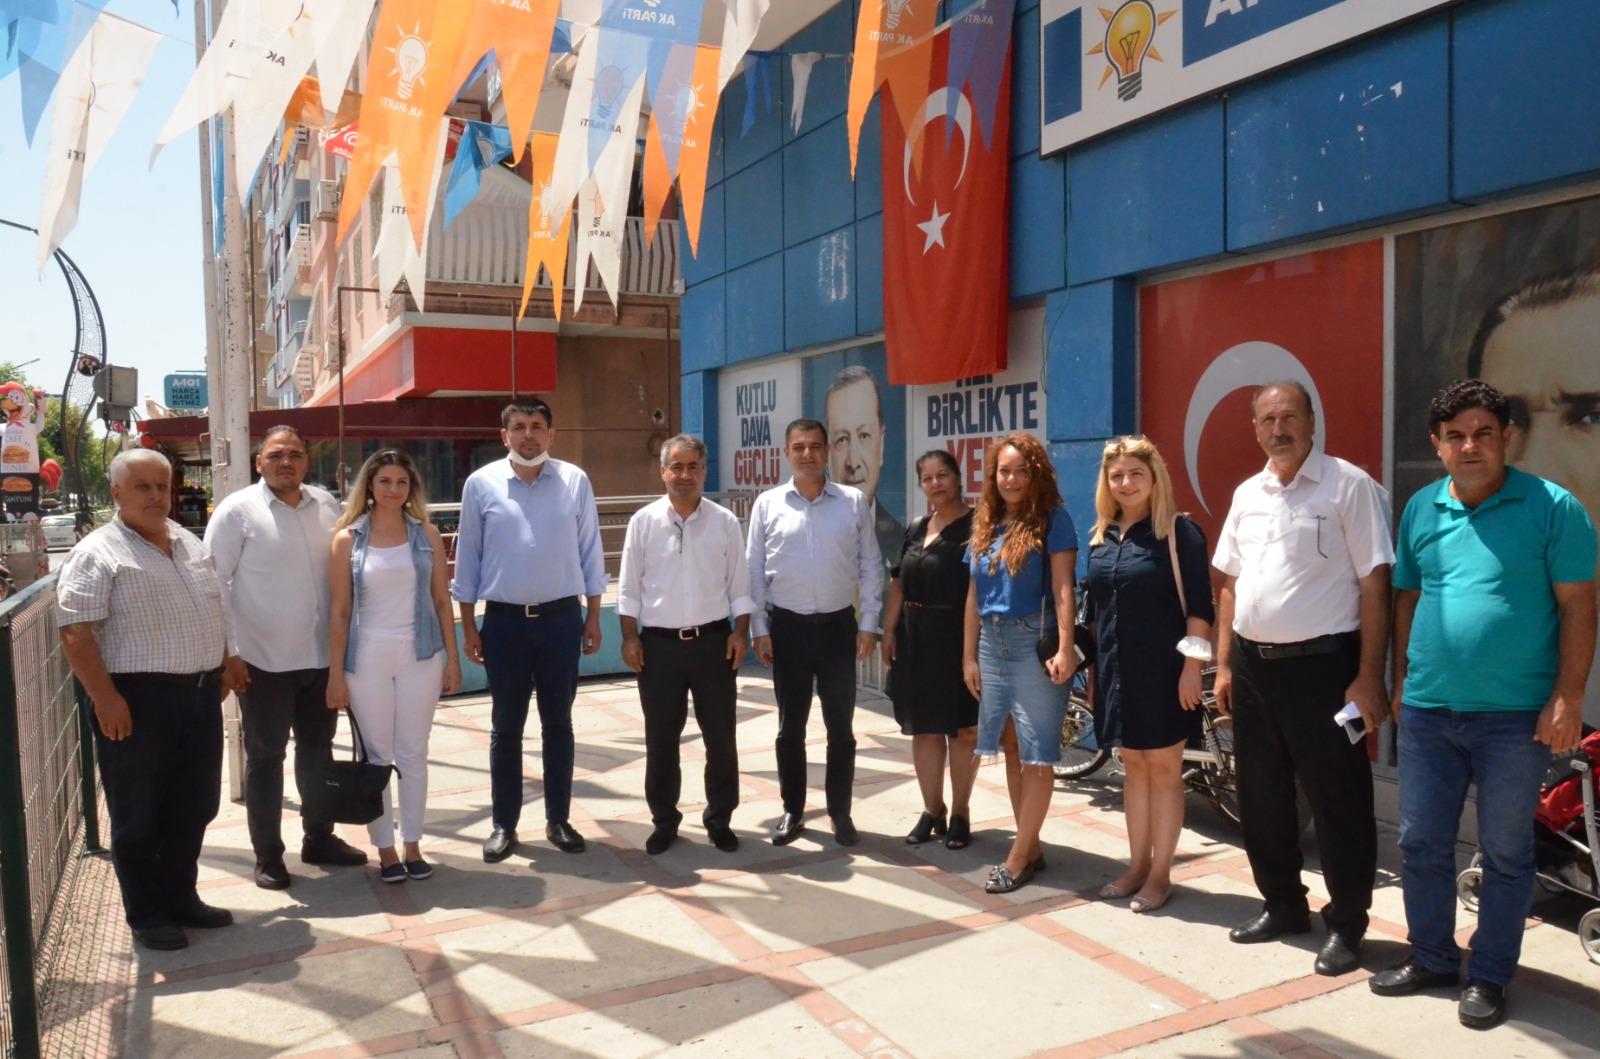 CHP'DEN AKPARTİ'YE' HAYIRLI OLSUN VE BAYRAM ZİYARETİ